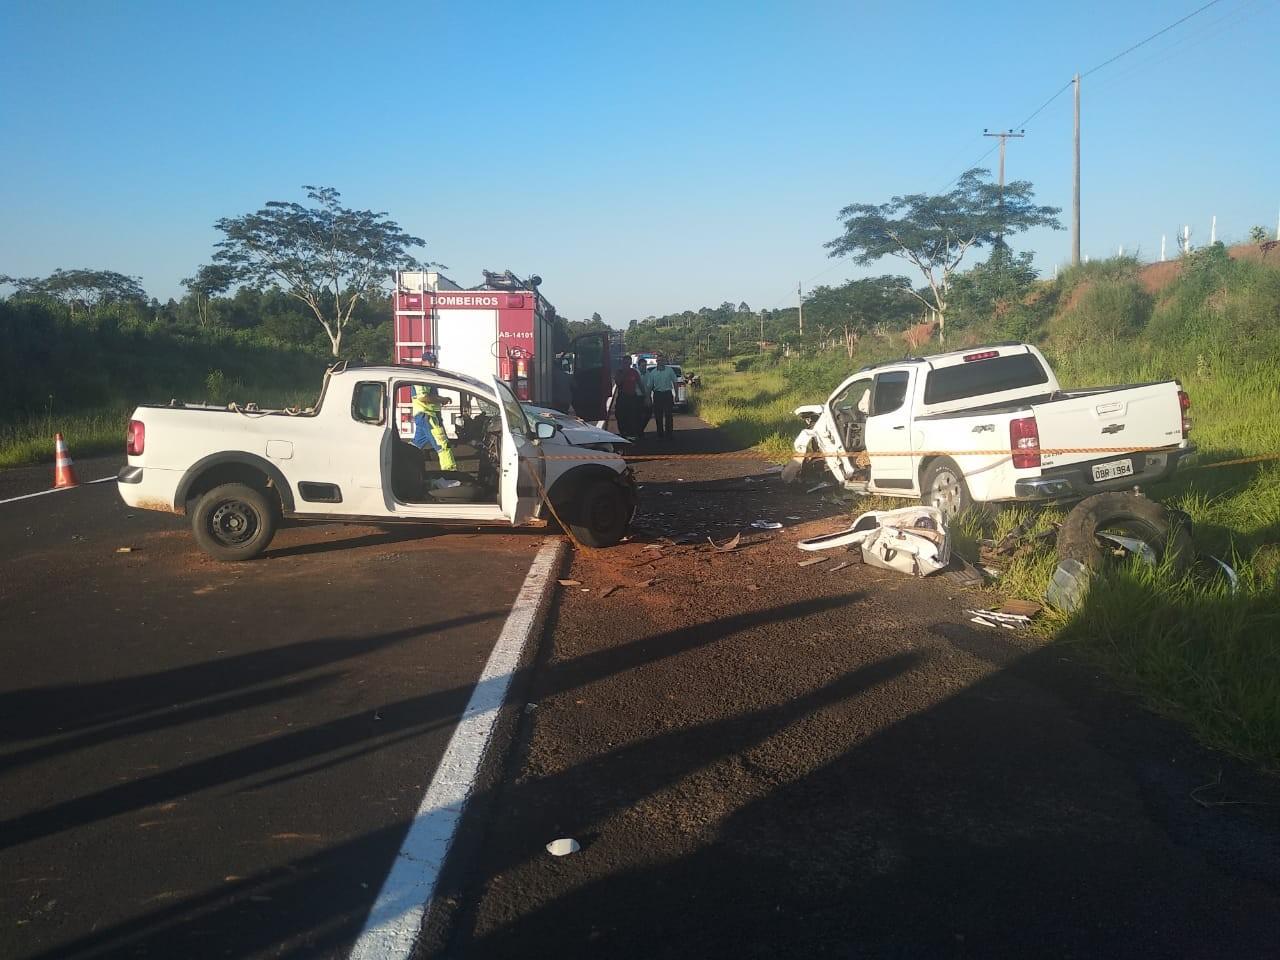 Acidente causa morte de uma pessoa e deixa outras 3 vítimas gravemente feridas na Rodovia Júlio Budiski